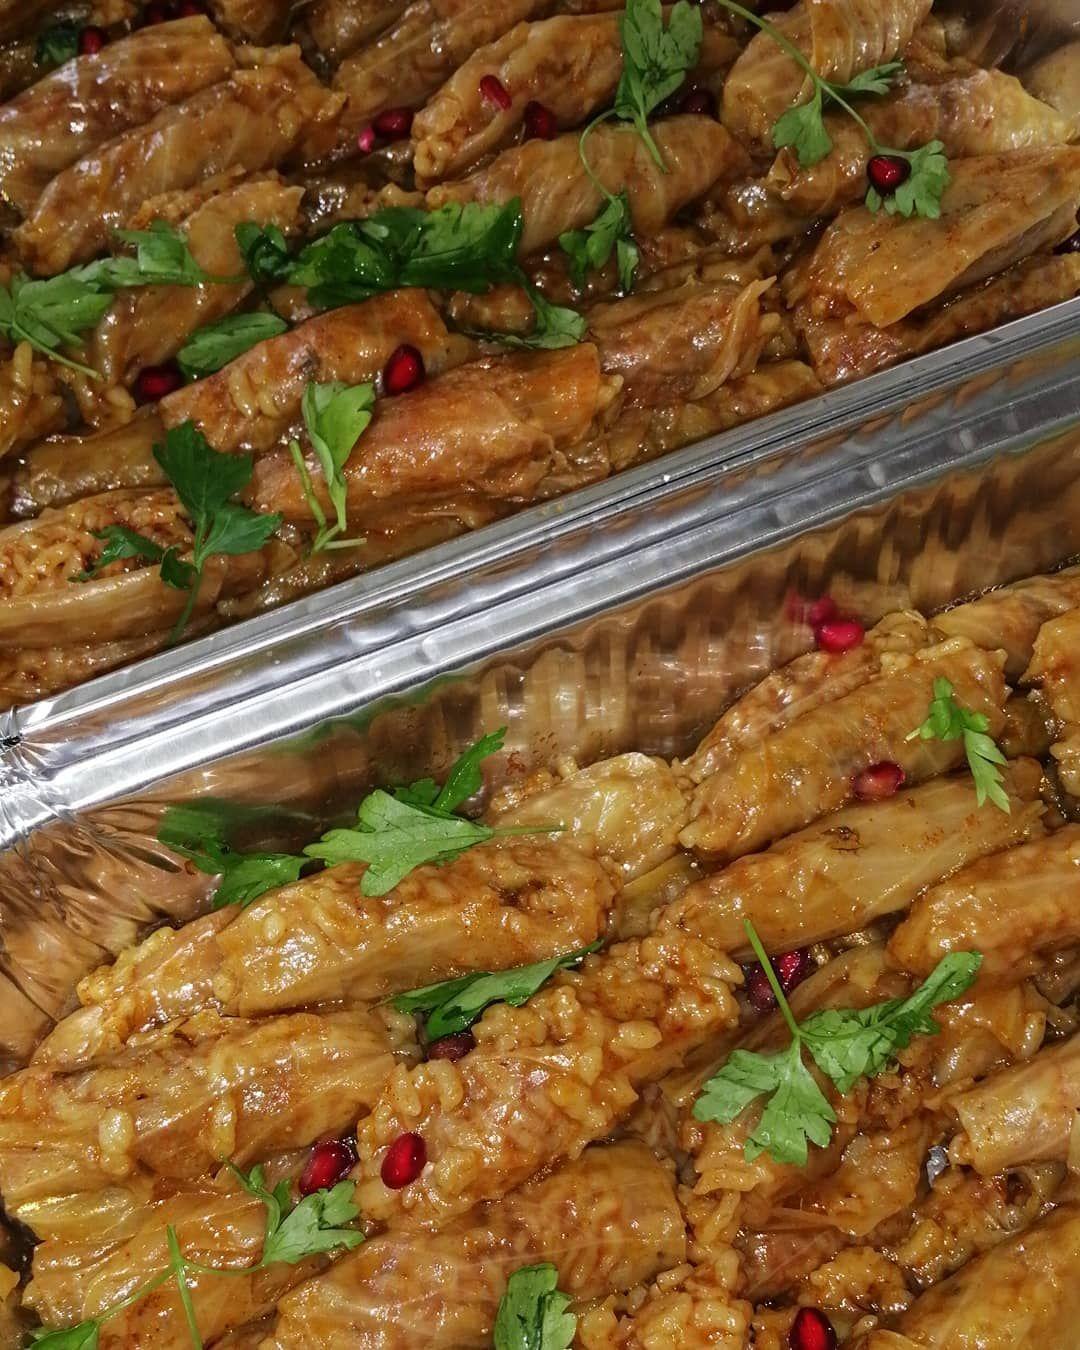 New The 10 Best Recipes With Pictures ملفوف مصري دجاج مع رز اصفر للطلب ورق عنب حلويات رمضان حلويات وصفات سهله Snabelmasrya السعود Recipes Food Beef